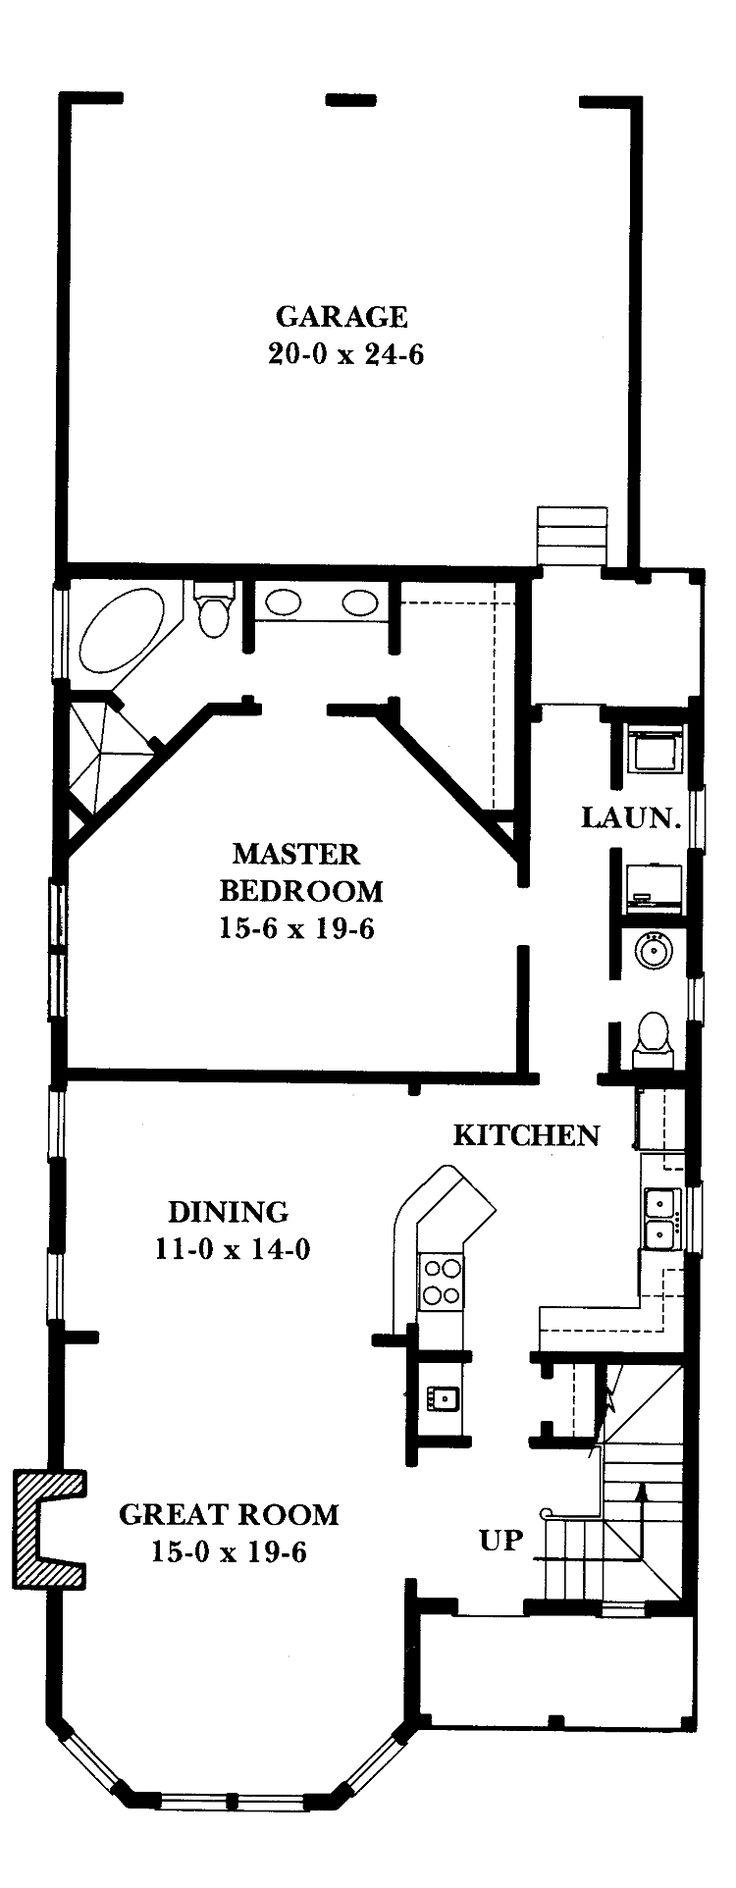 Delectable 20 Home Design Plans Design Inspiration Of Best 25